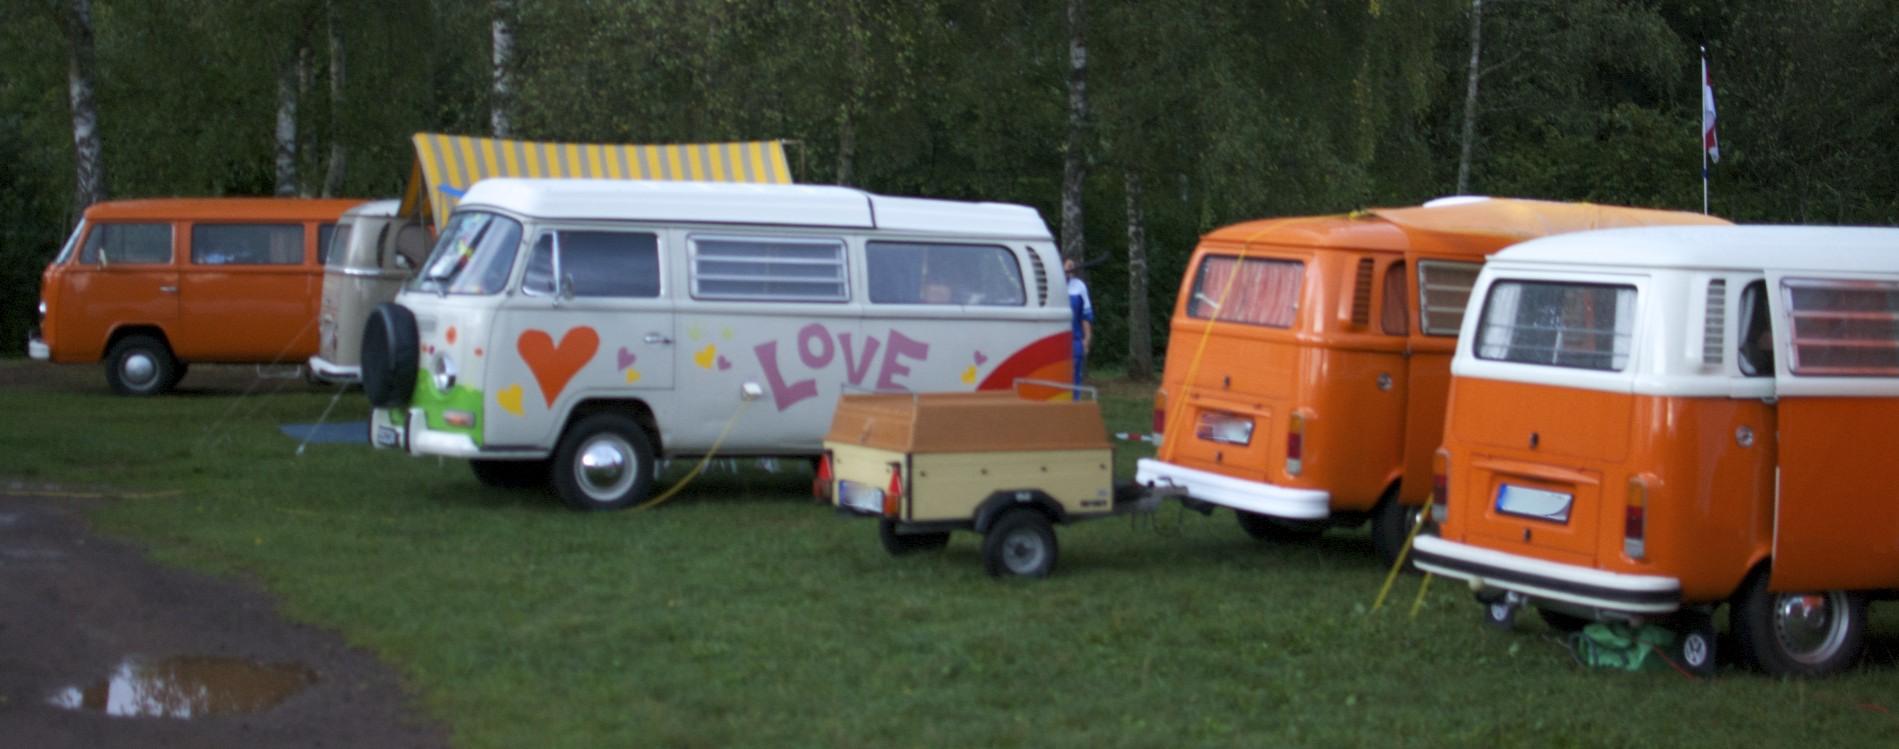 IG_T2_Treffen-2012 009